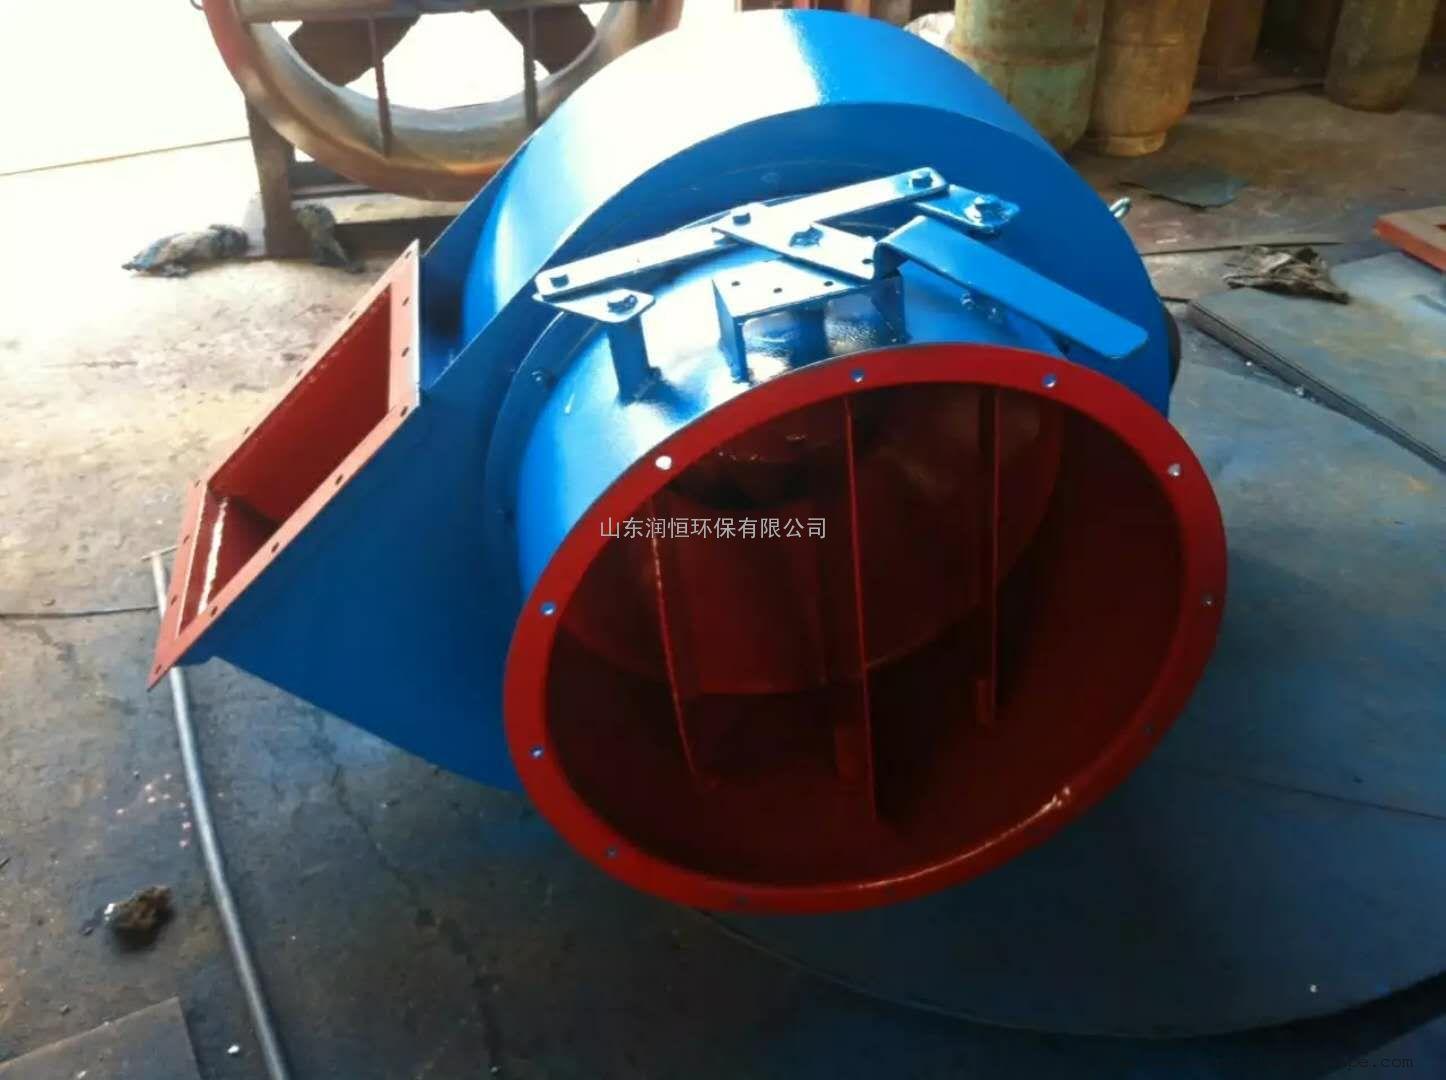 Y5-48锅炉系列引风机 引风机厂家 山东润恒